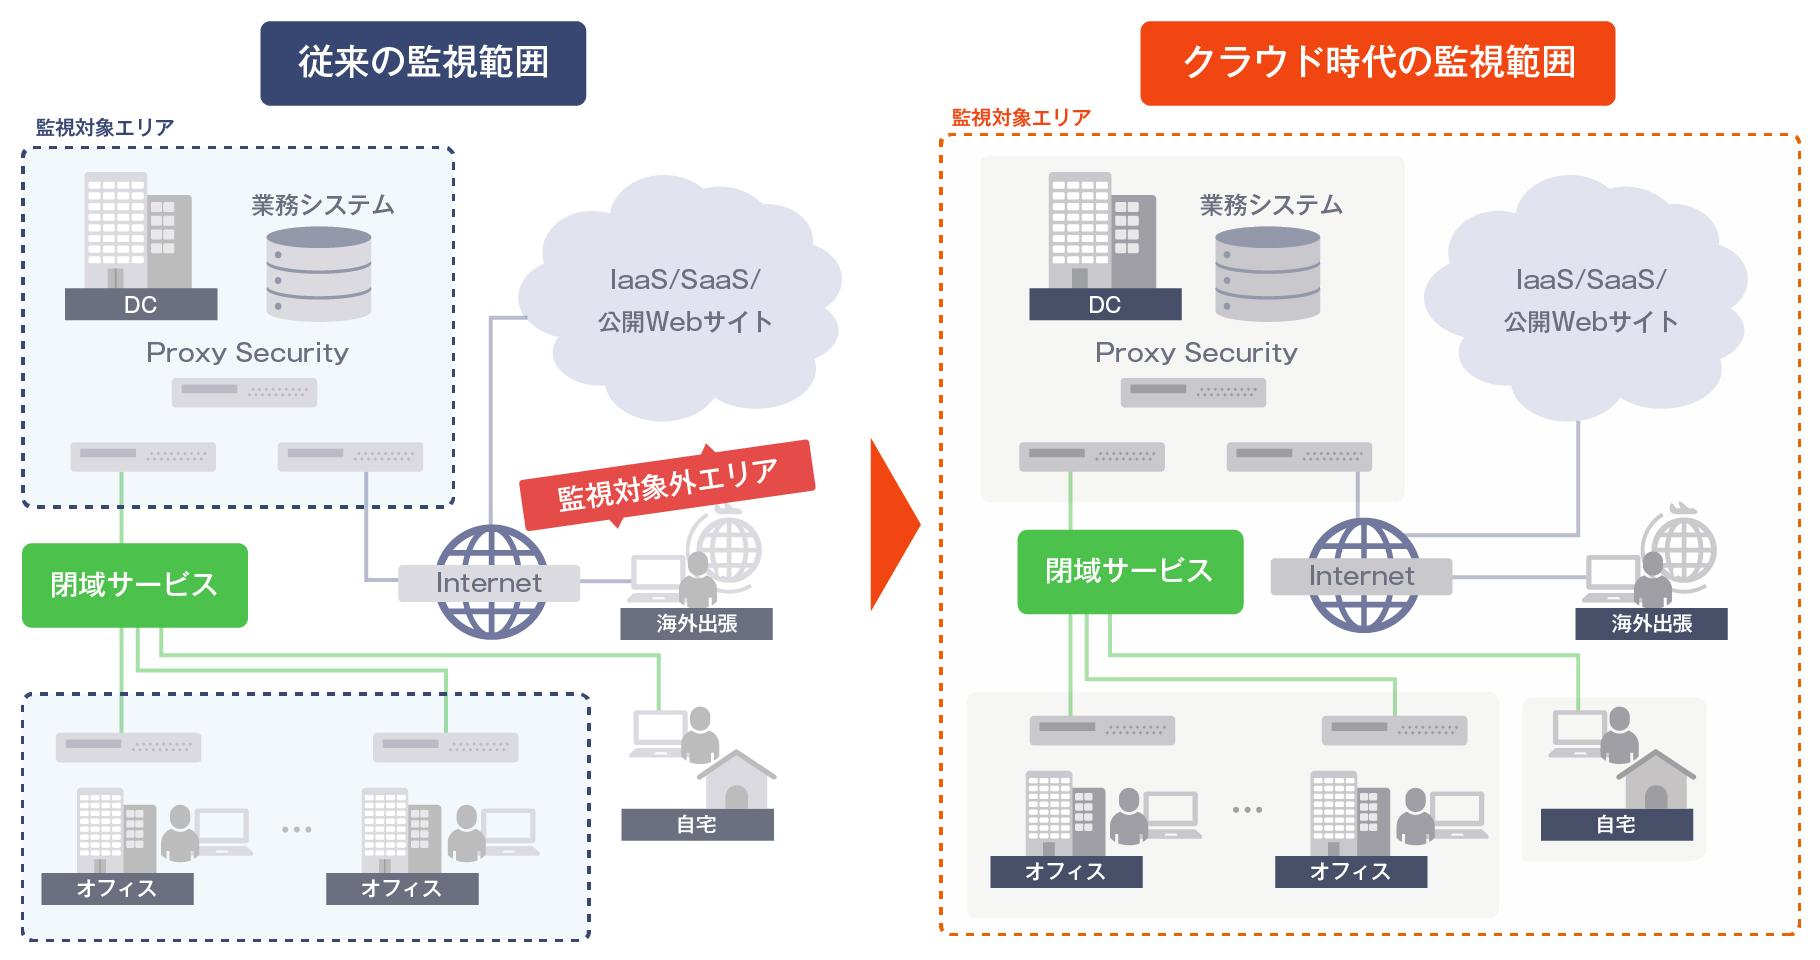 すると ネットワーク 向上 接続 が 品質 の ネットワーク設計の基本的な考え方と4つの手順を紹介 ICT Digital